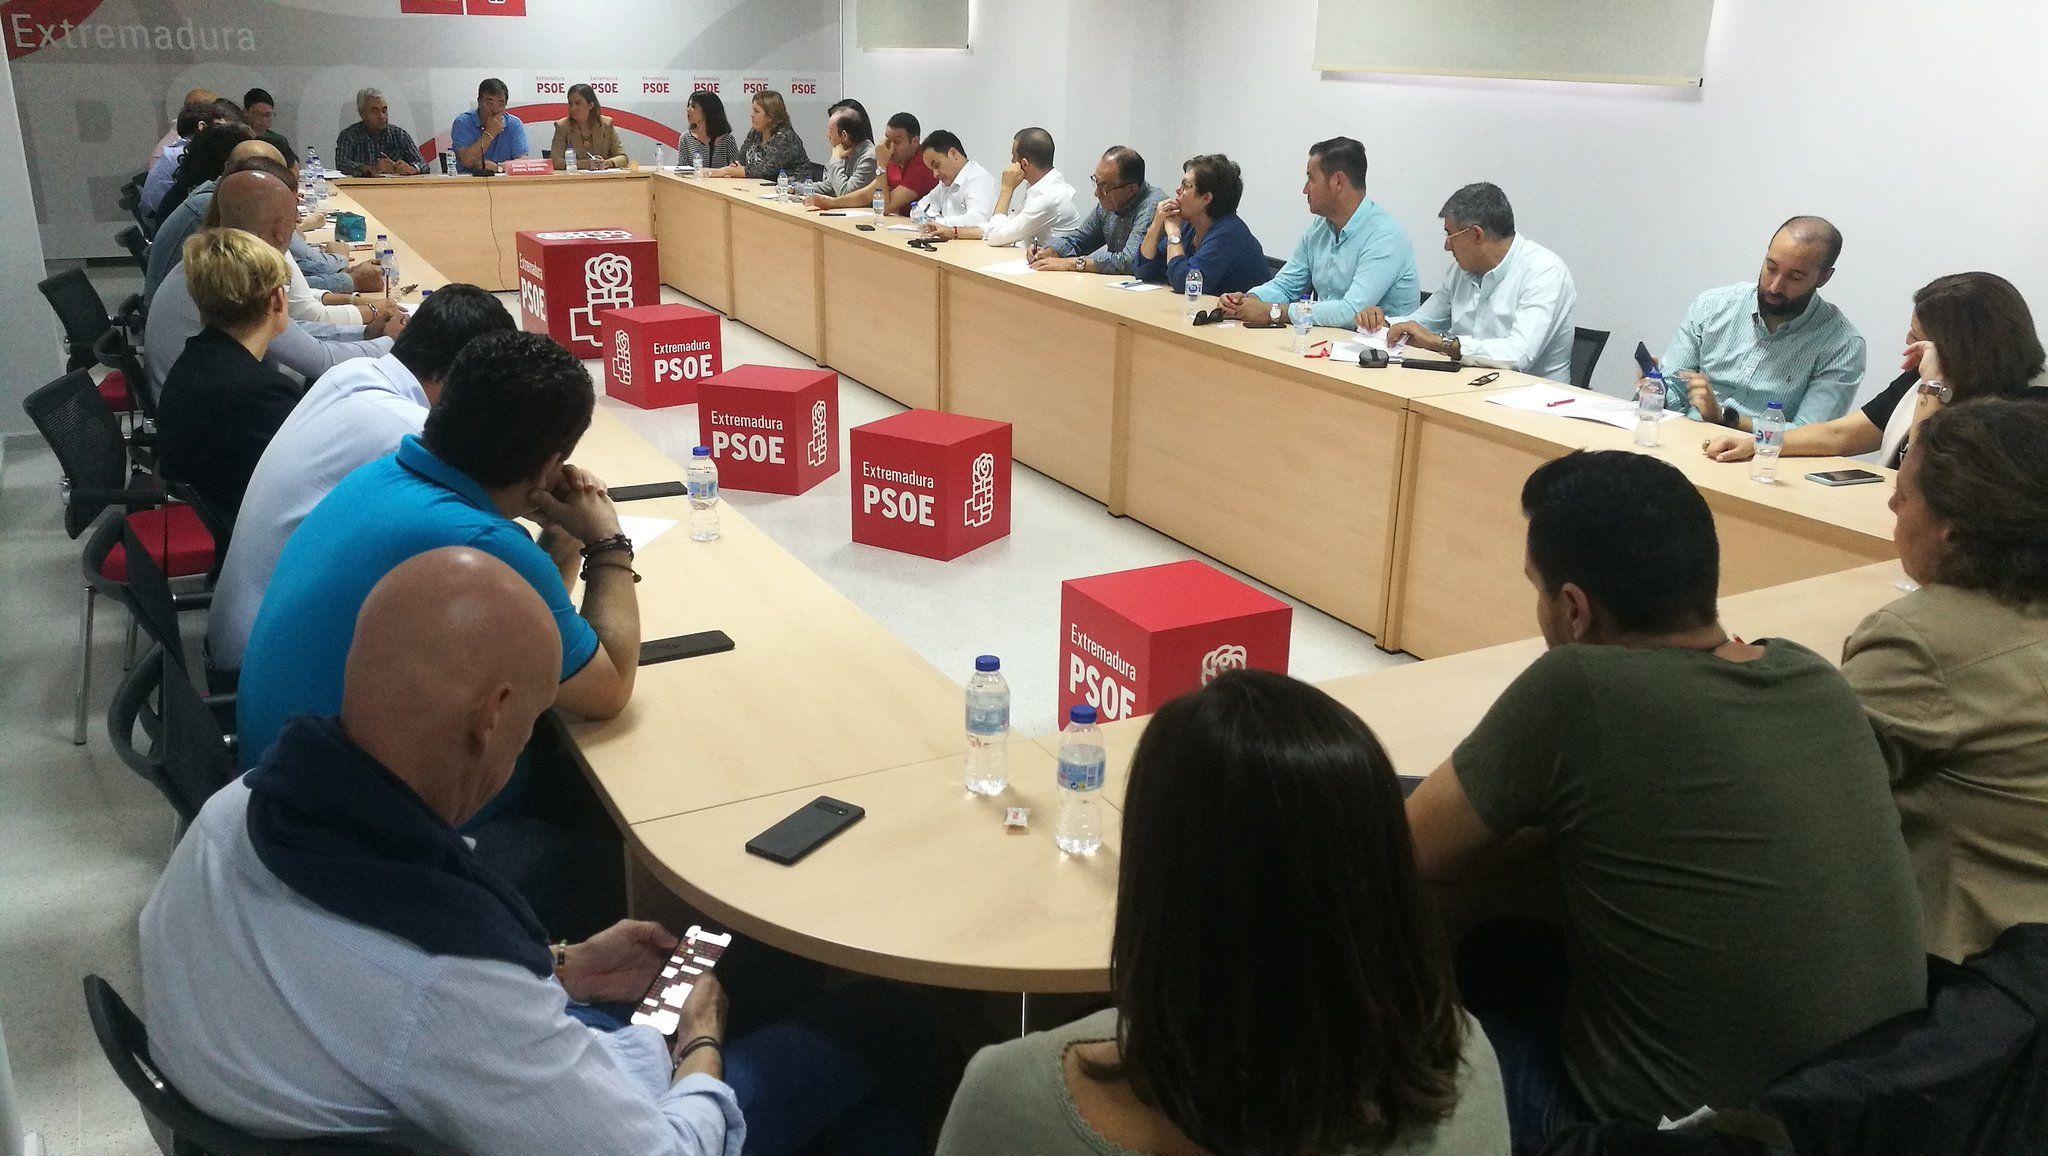 González, PSOE: Lo mejor para Extremadura es que haya un gobierno socialista en España